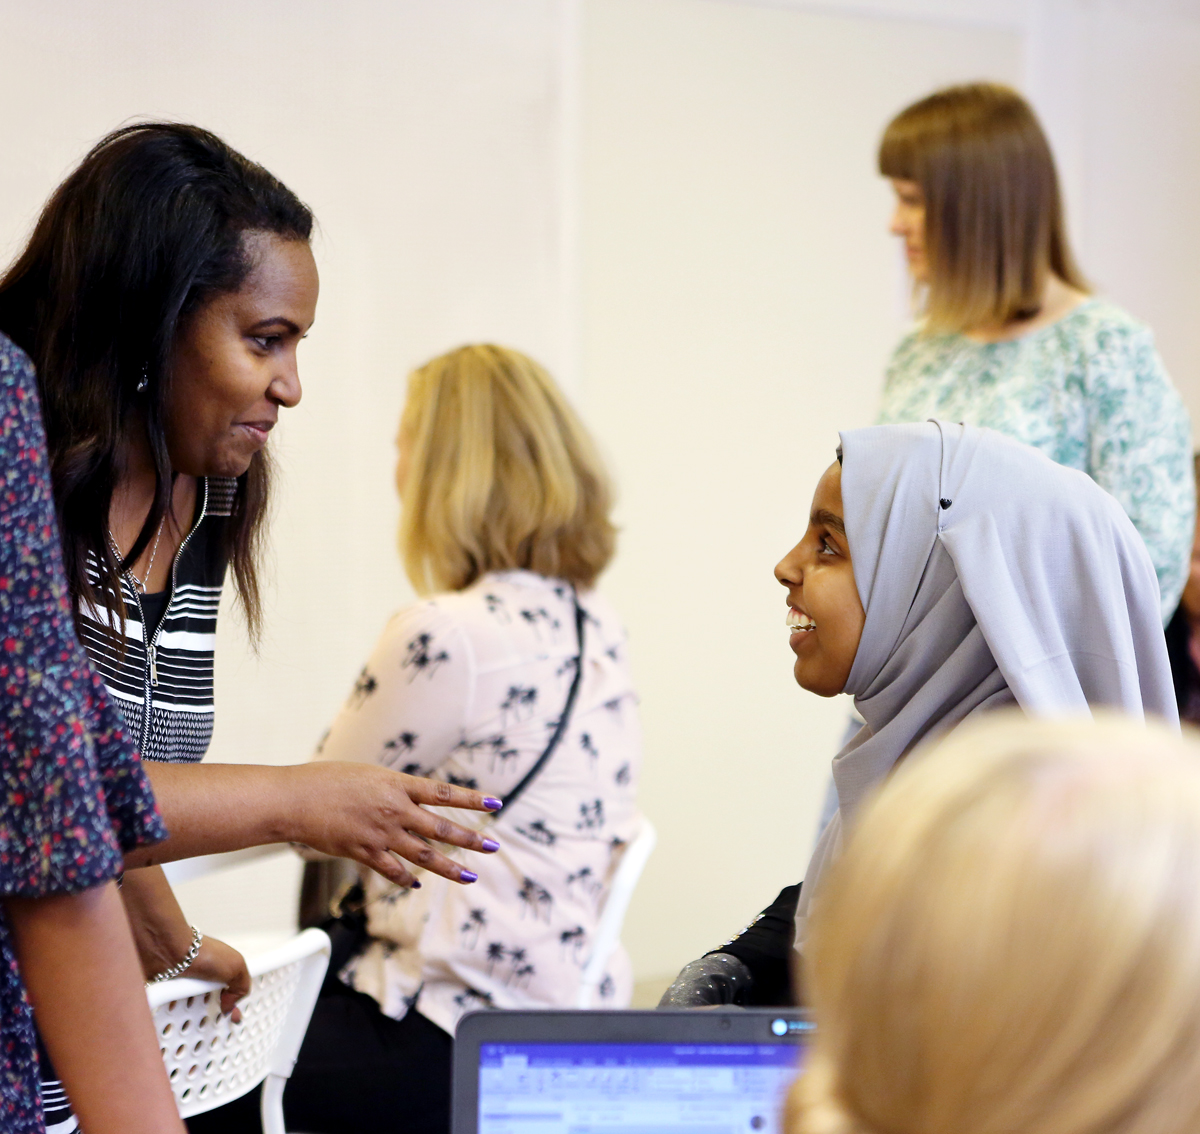 Kaksi naista keskustelemassa iloisesti koulutustapahtumassa